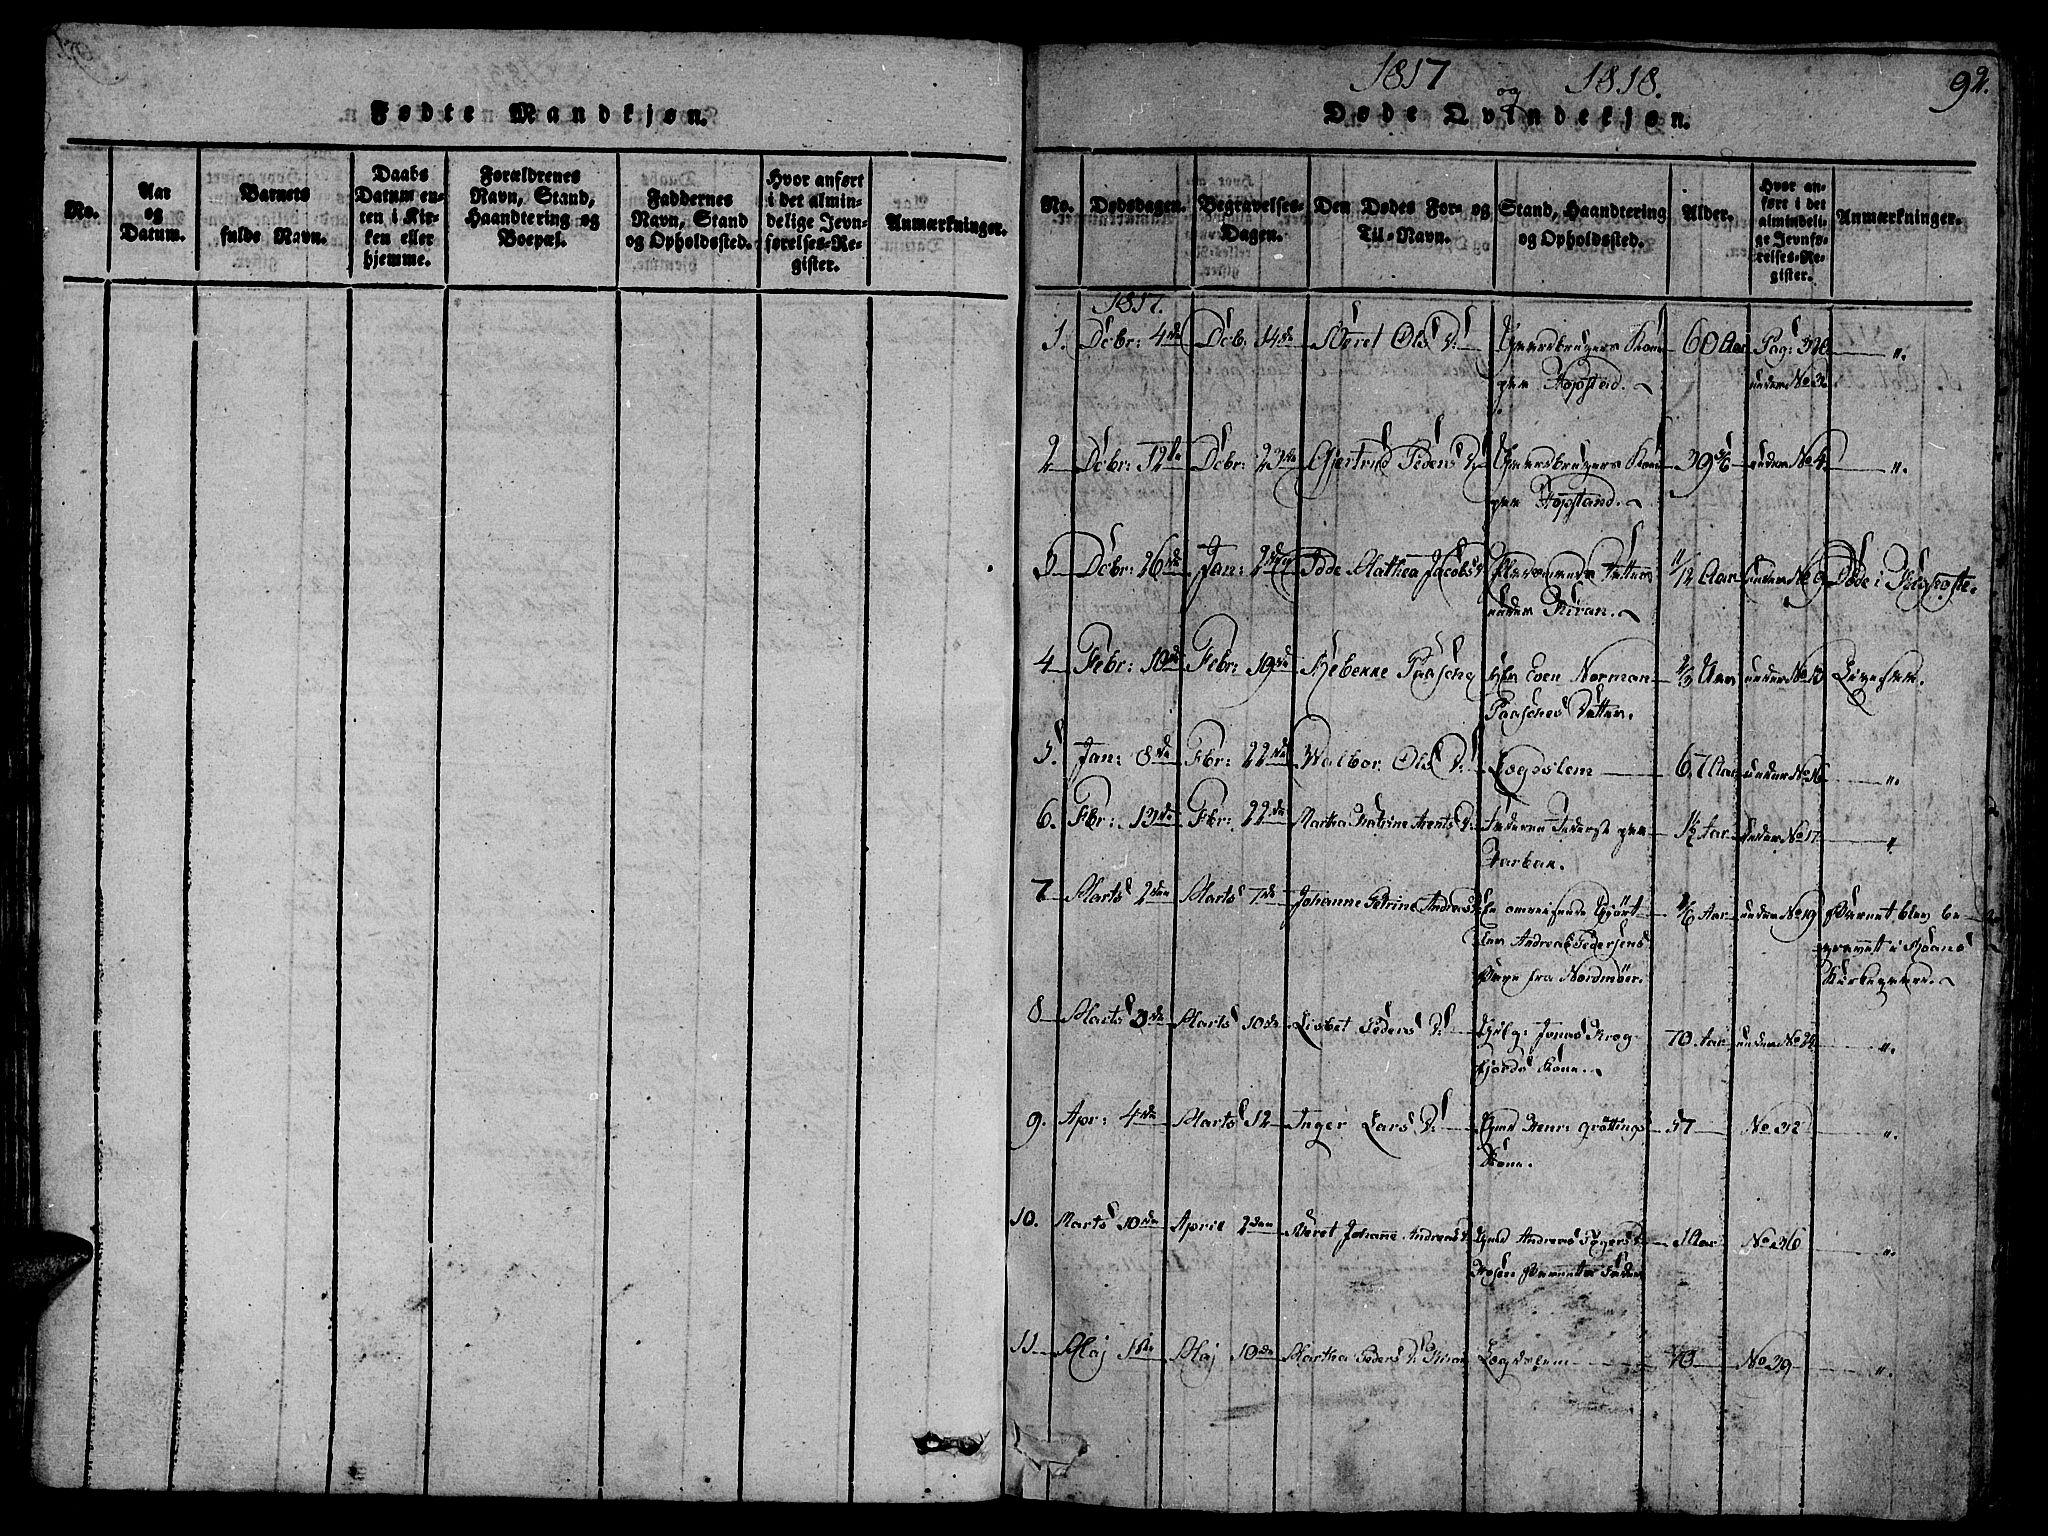 SAT, Ministerialprotokoller, klokkerbøker og fødselsregistre - Sør-Trøndelag, 657/L0702: Ministerialbok nr. 657A03, 1818-1831, s. 92